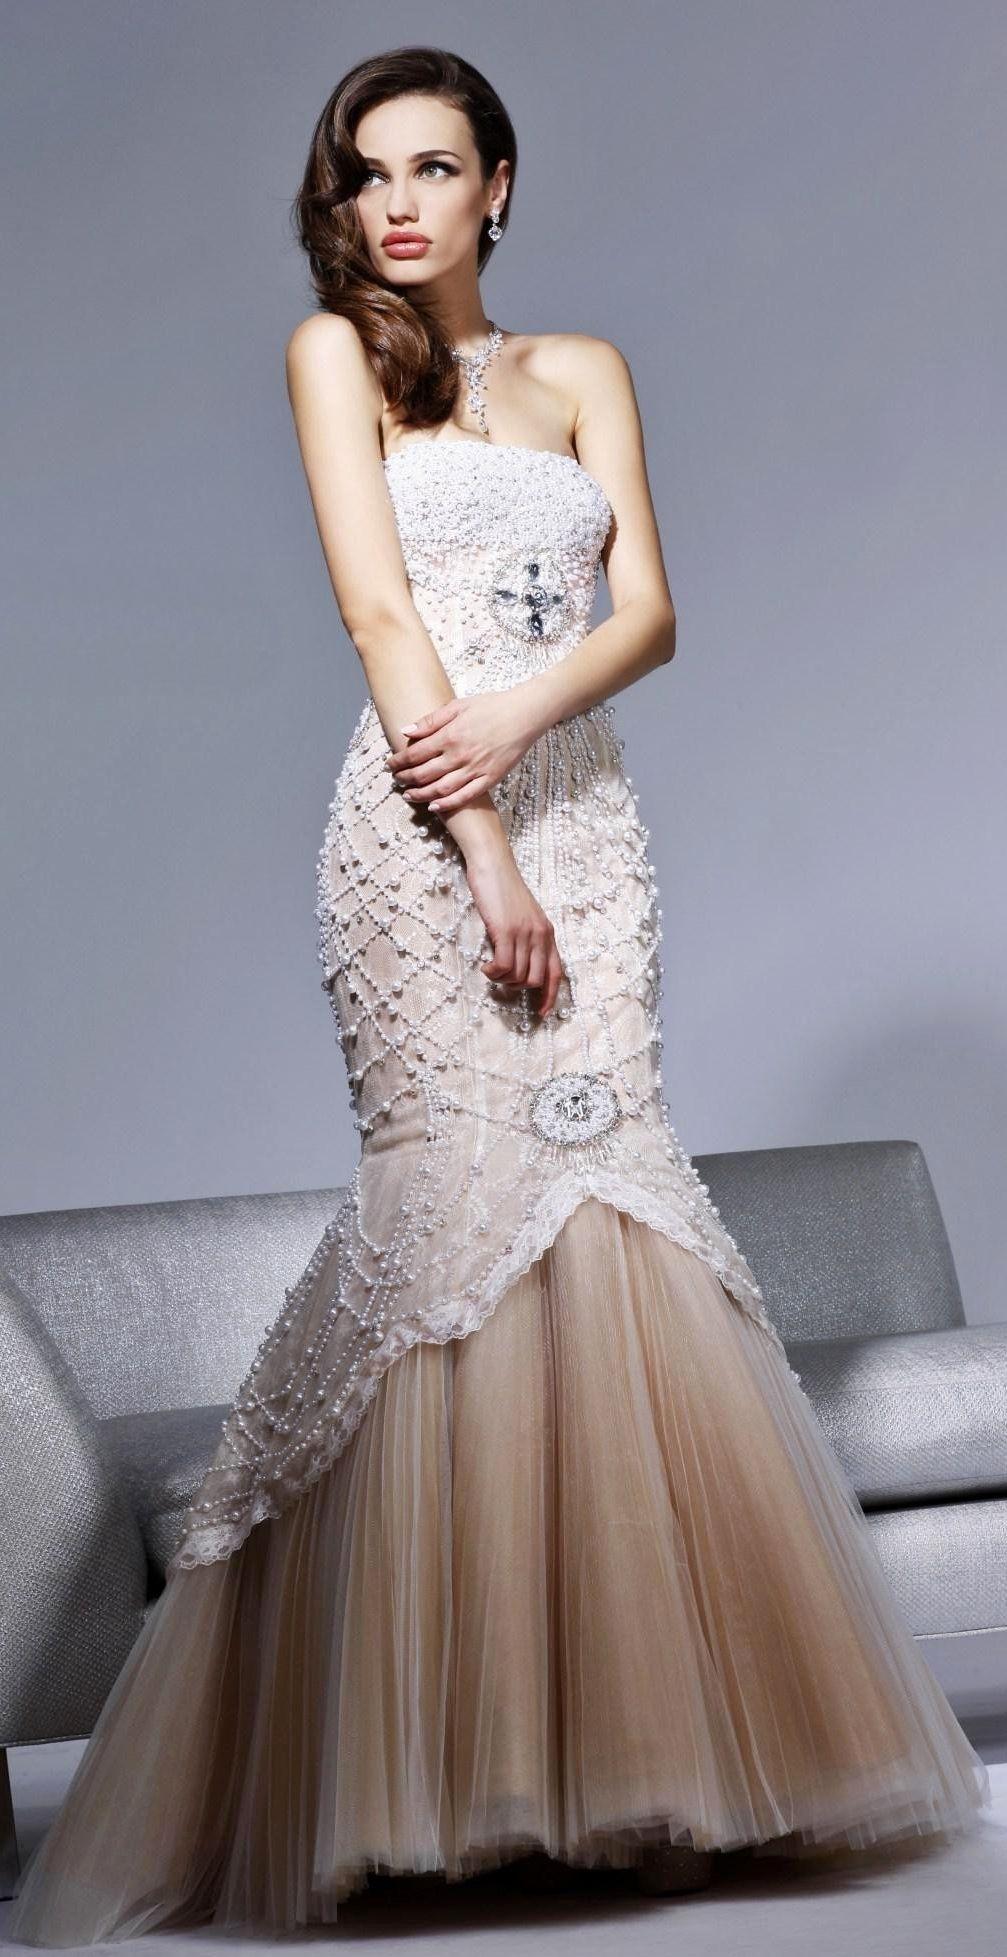 Sherri Hill 2789 Dress Missesdressy Com Prom Dresses Jovani Dresses Cocktail Dress Prom [ 1957 x 1007 Pixel ]